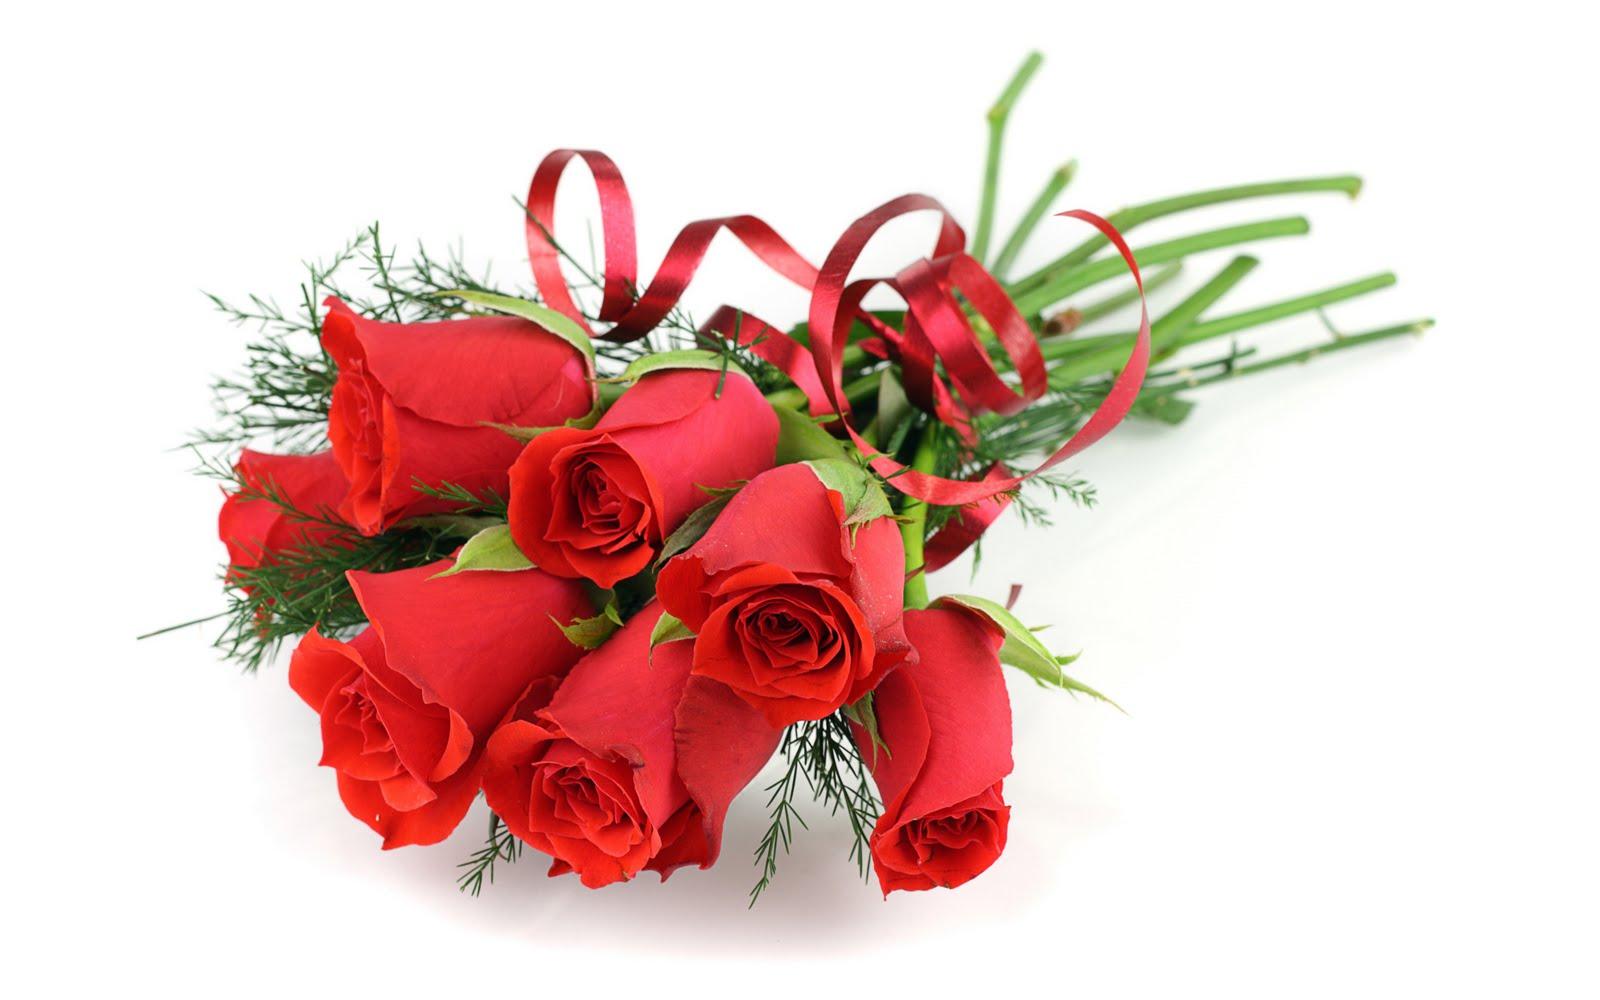 banco de imagenes fotos de rosas rojas arreglos florales y postales para el da del amor y la amistad happy valentineus day